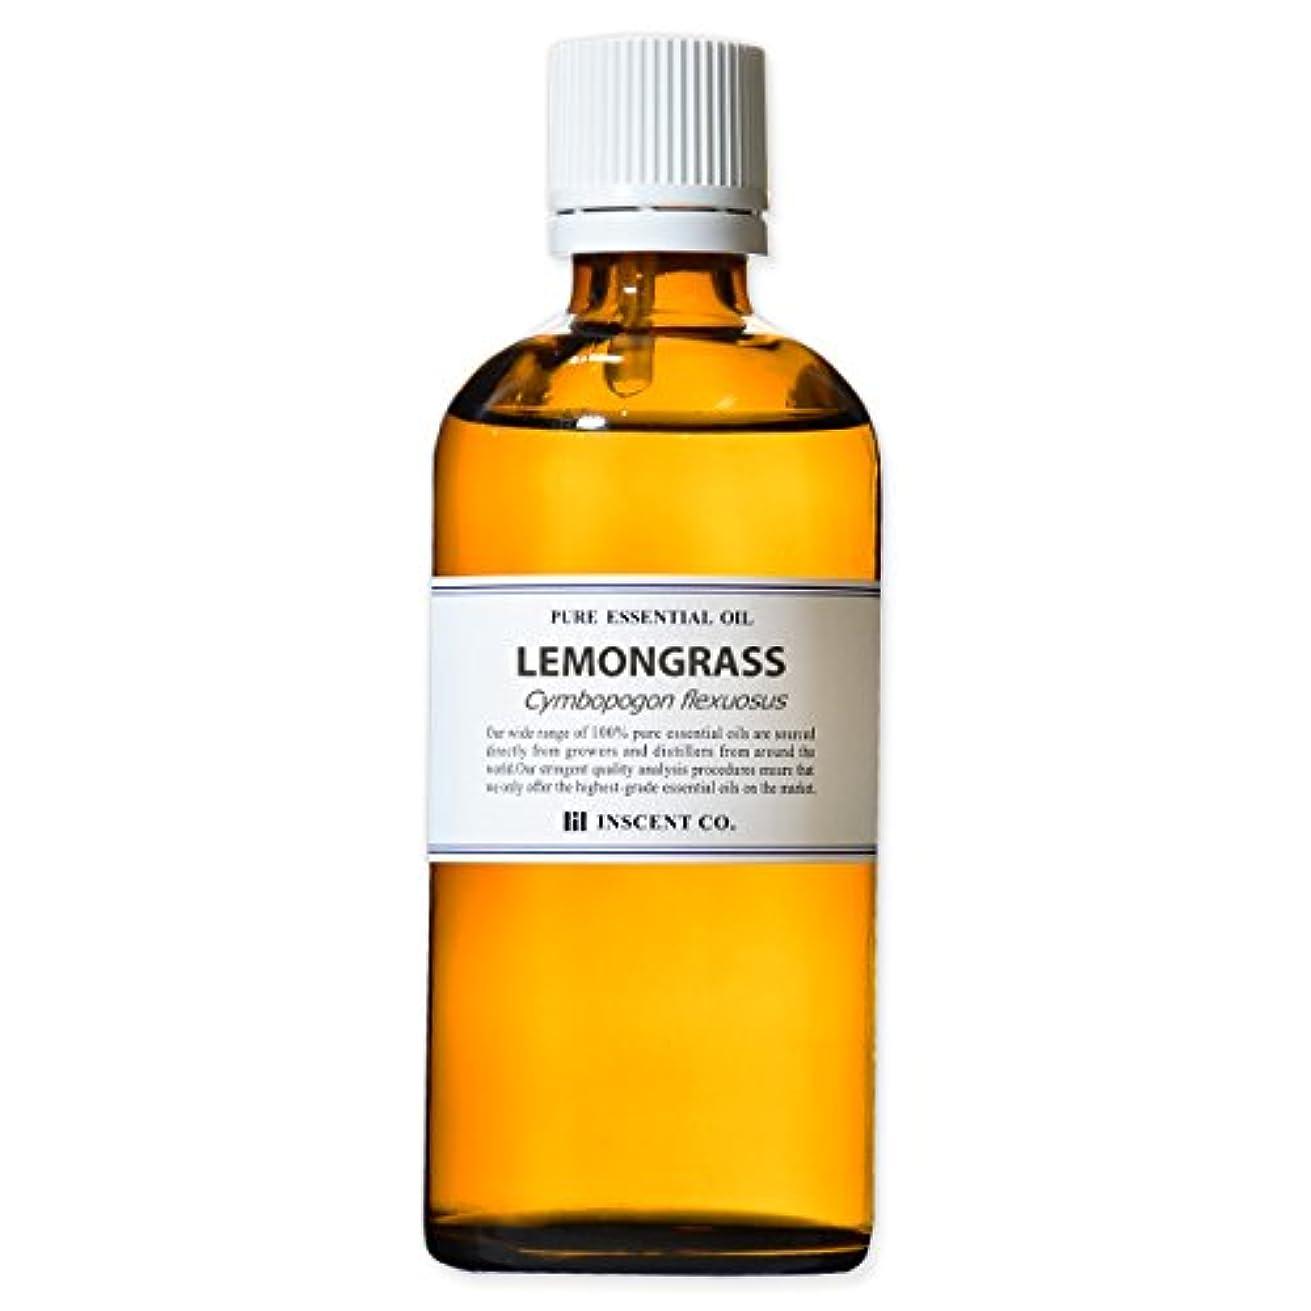 コンプリート成功薄汚いレモングラス 100ml インセント エッセンシャルオイル 精油 アロマオイル